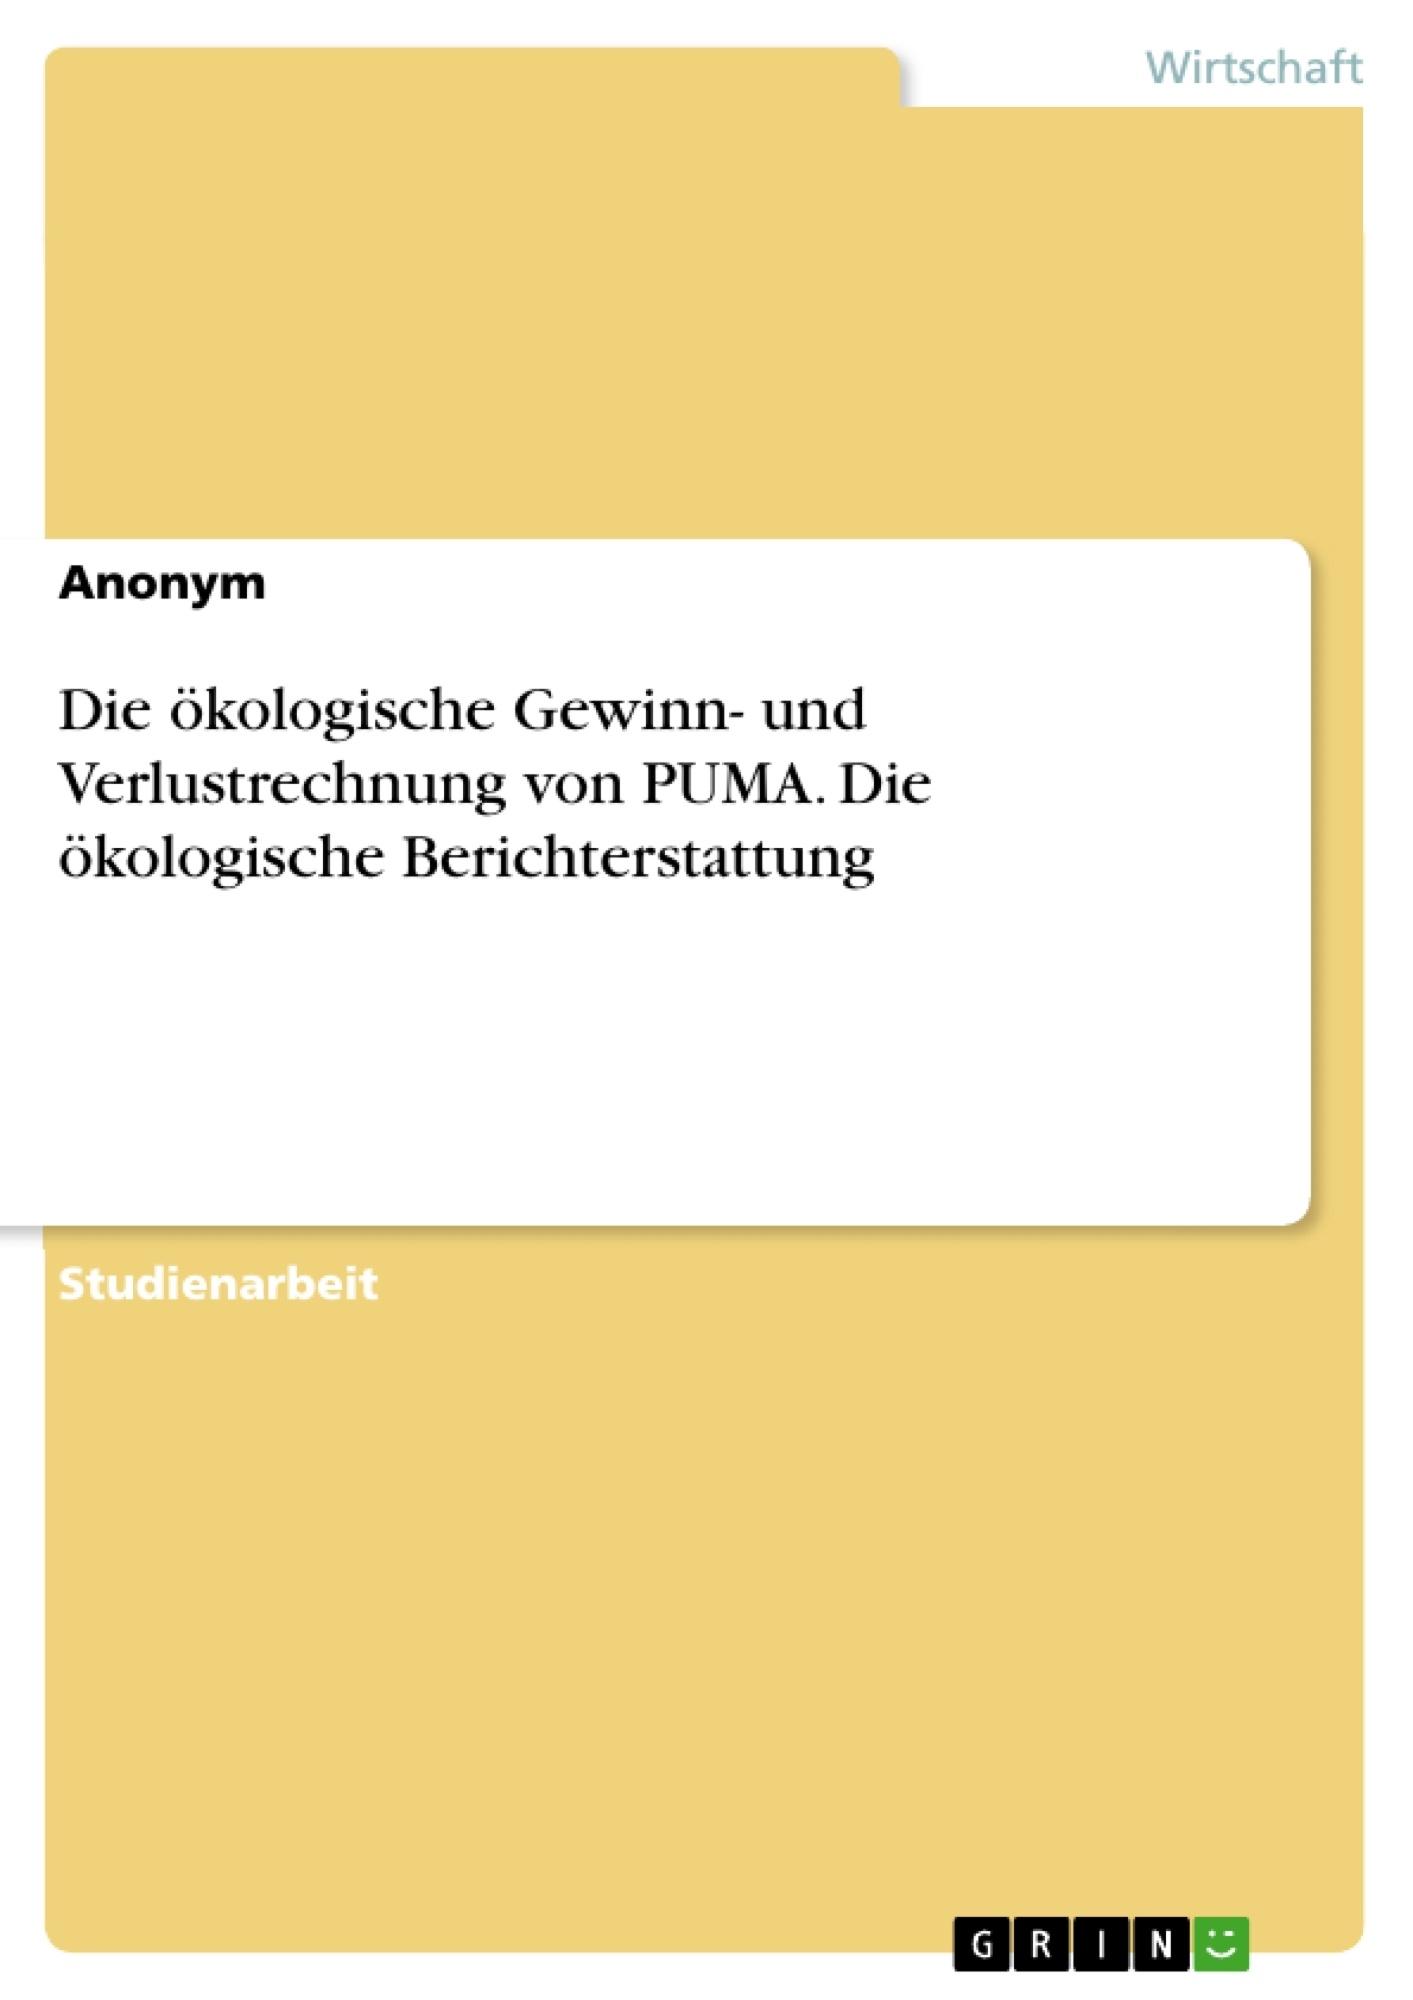 Titel: Die ökologische Gewinn- und Verlustrechnung von PUMA. Die ökologische Berichterstattung